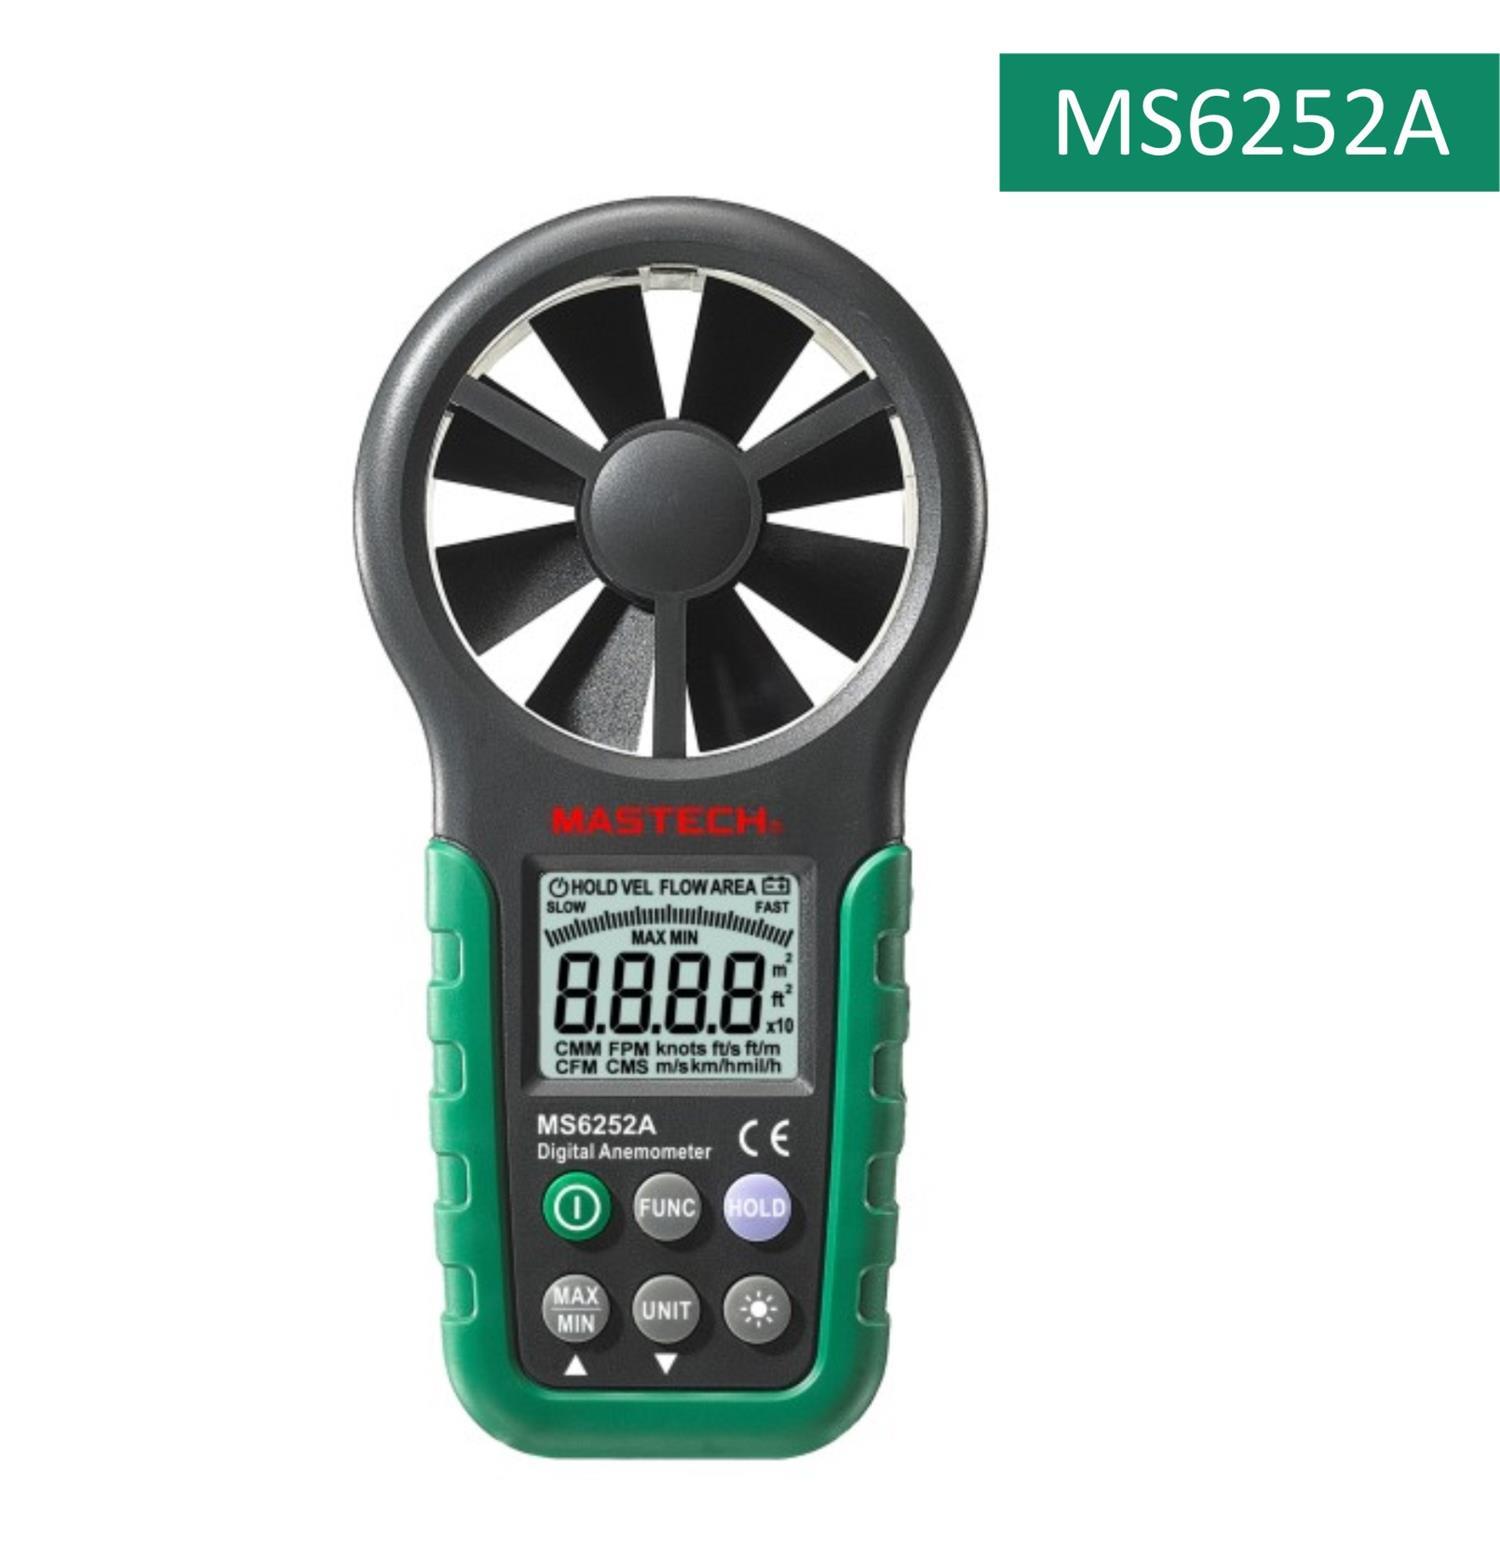 MS6252A